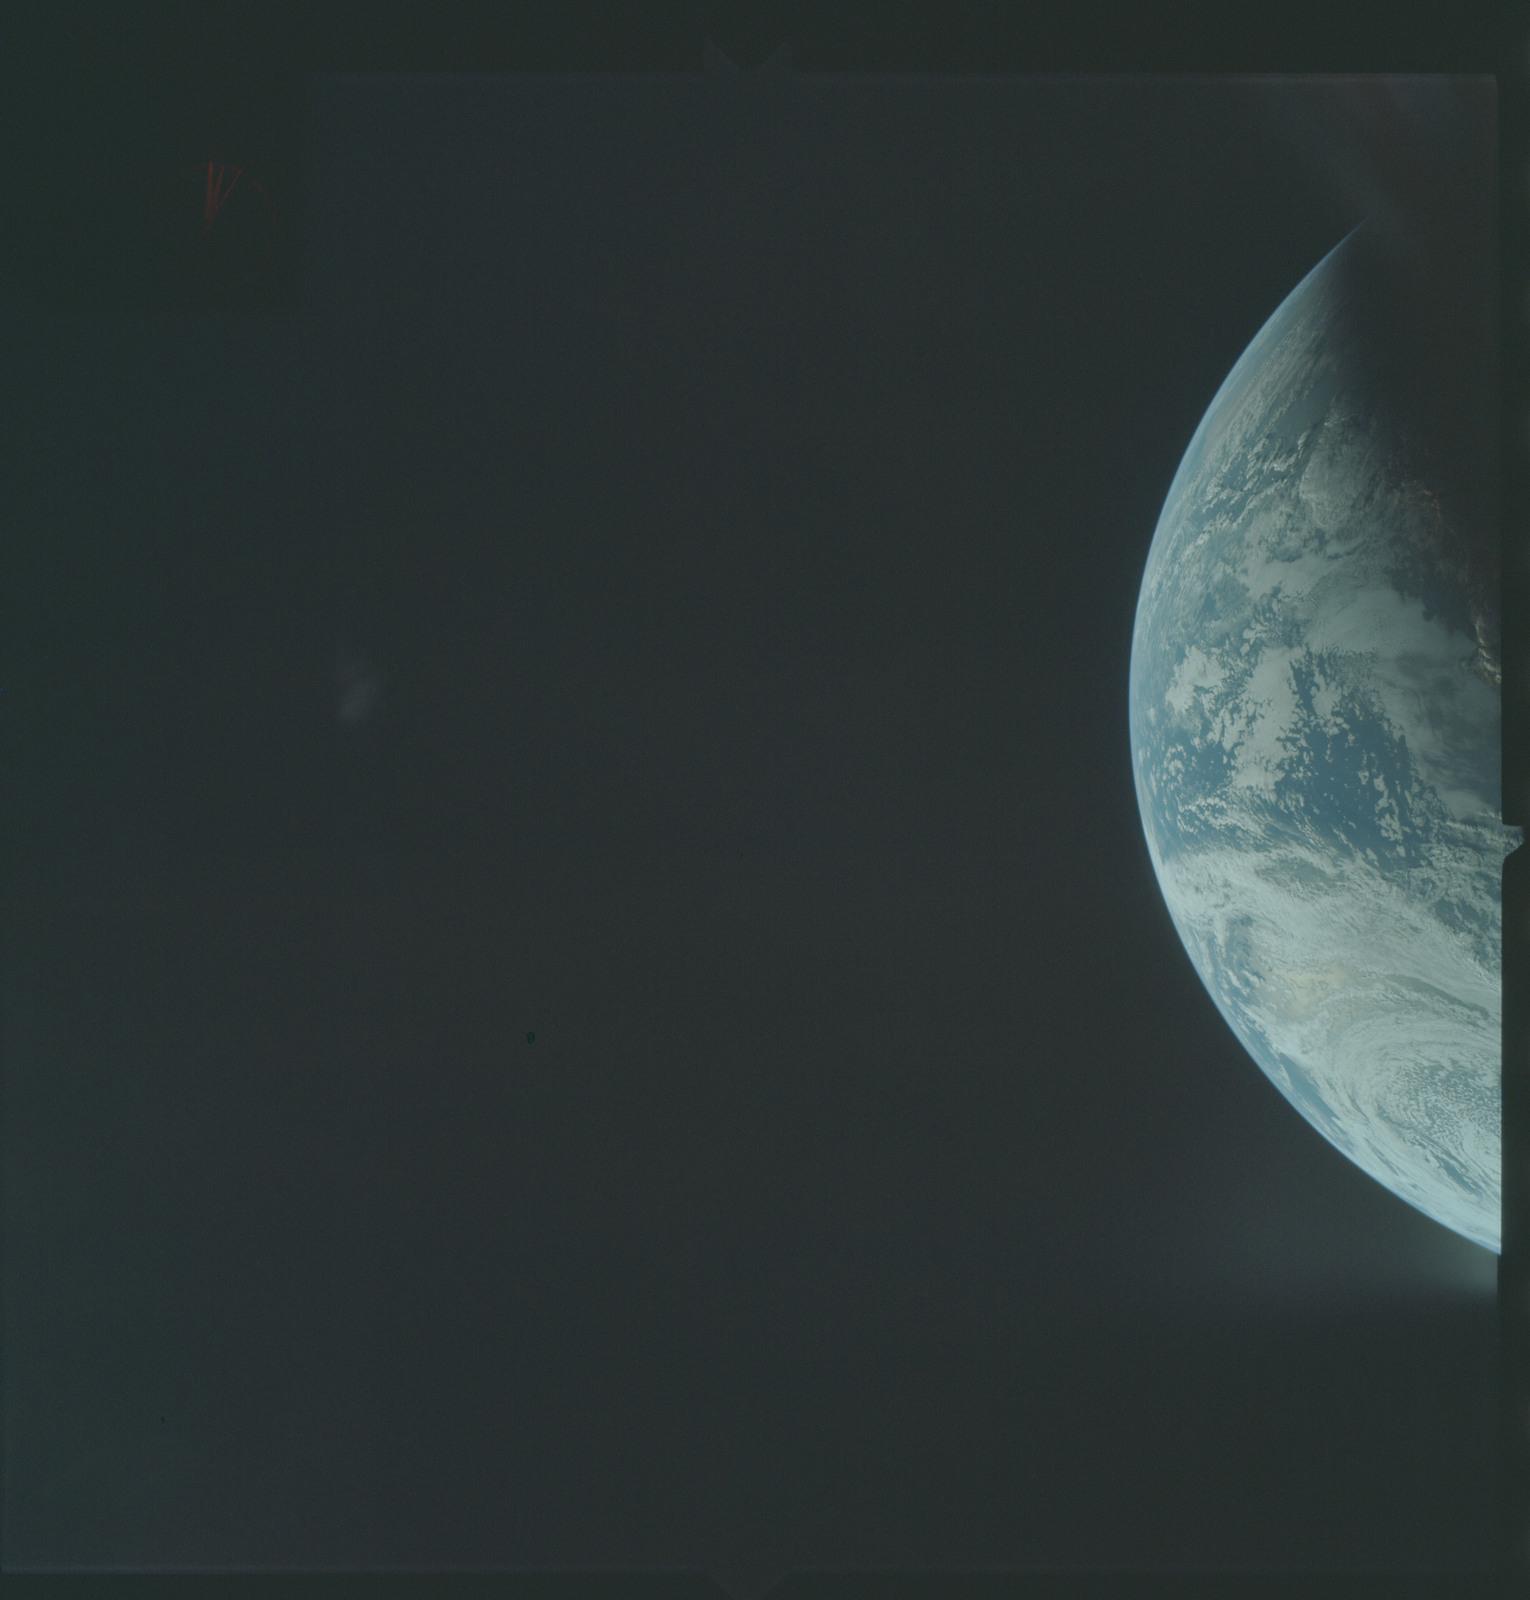 AS04-01-193 - Apollo 4